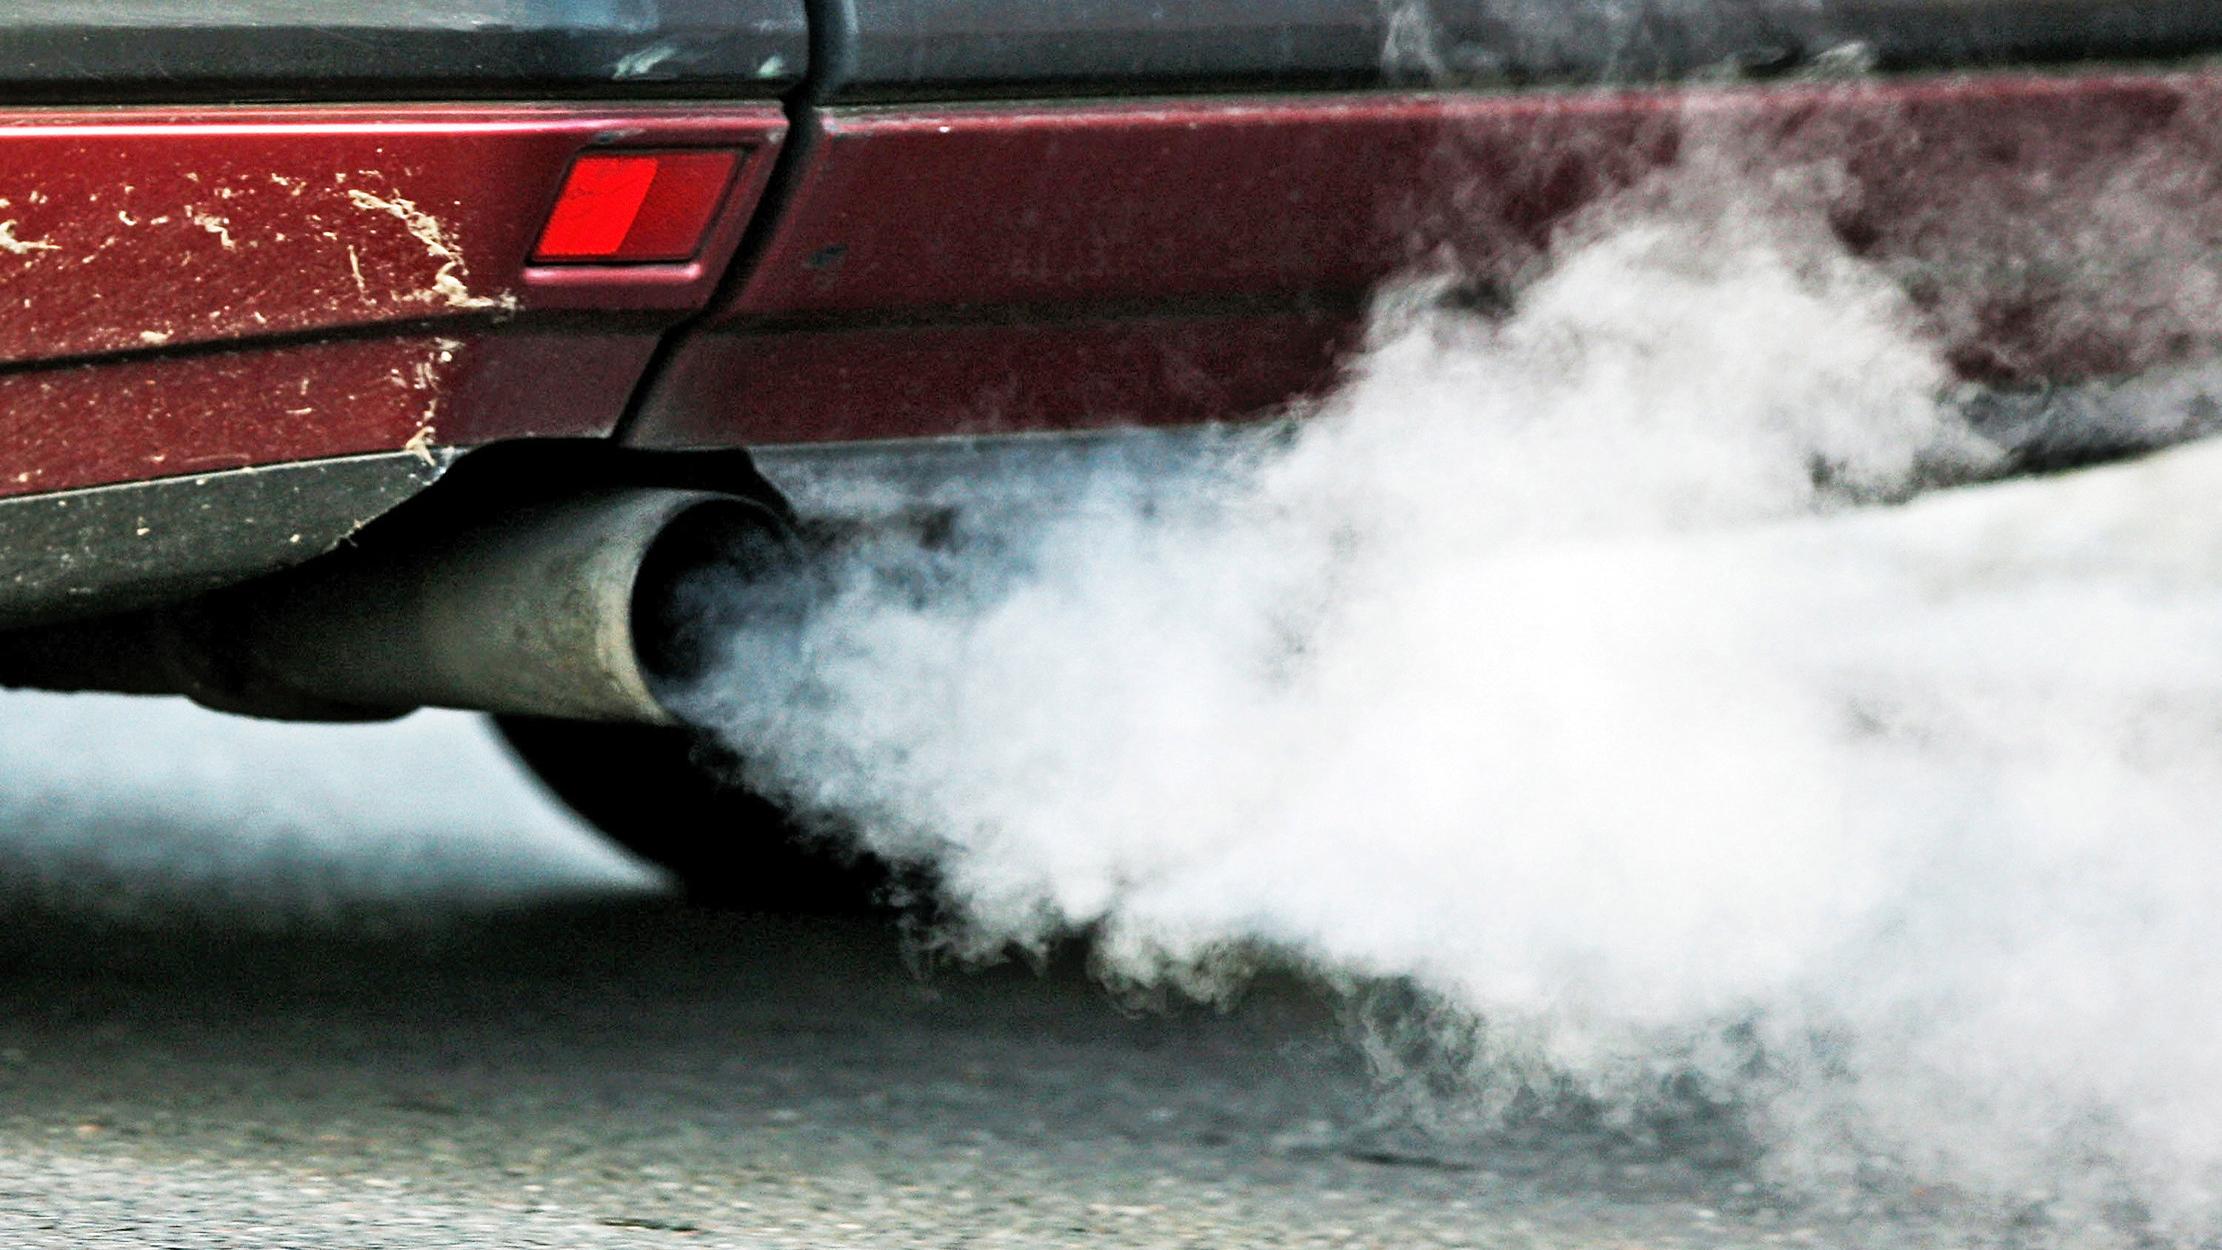 Пекин может смягчить требования по вредным выбросам из-за коронавируса 1